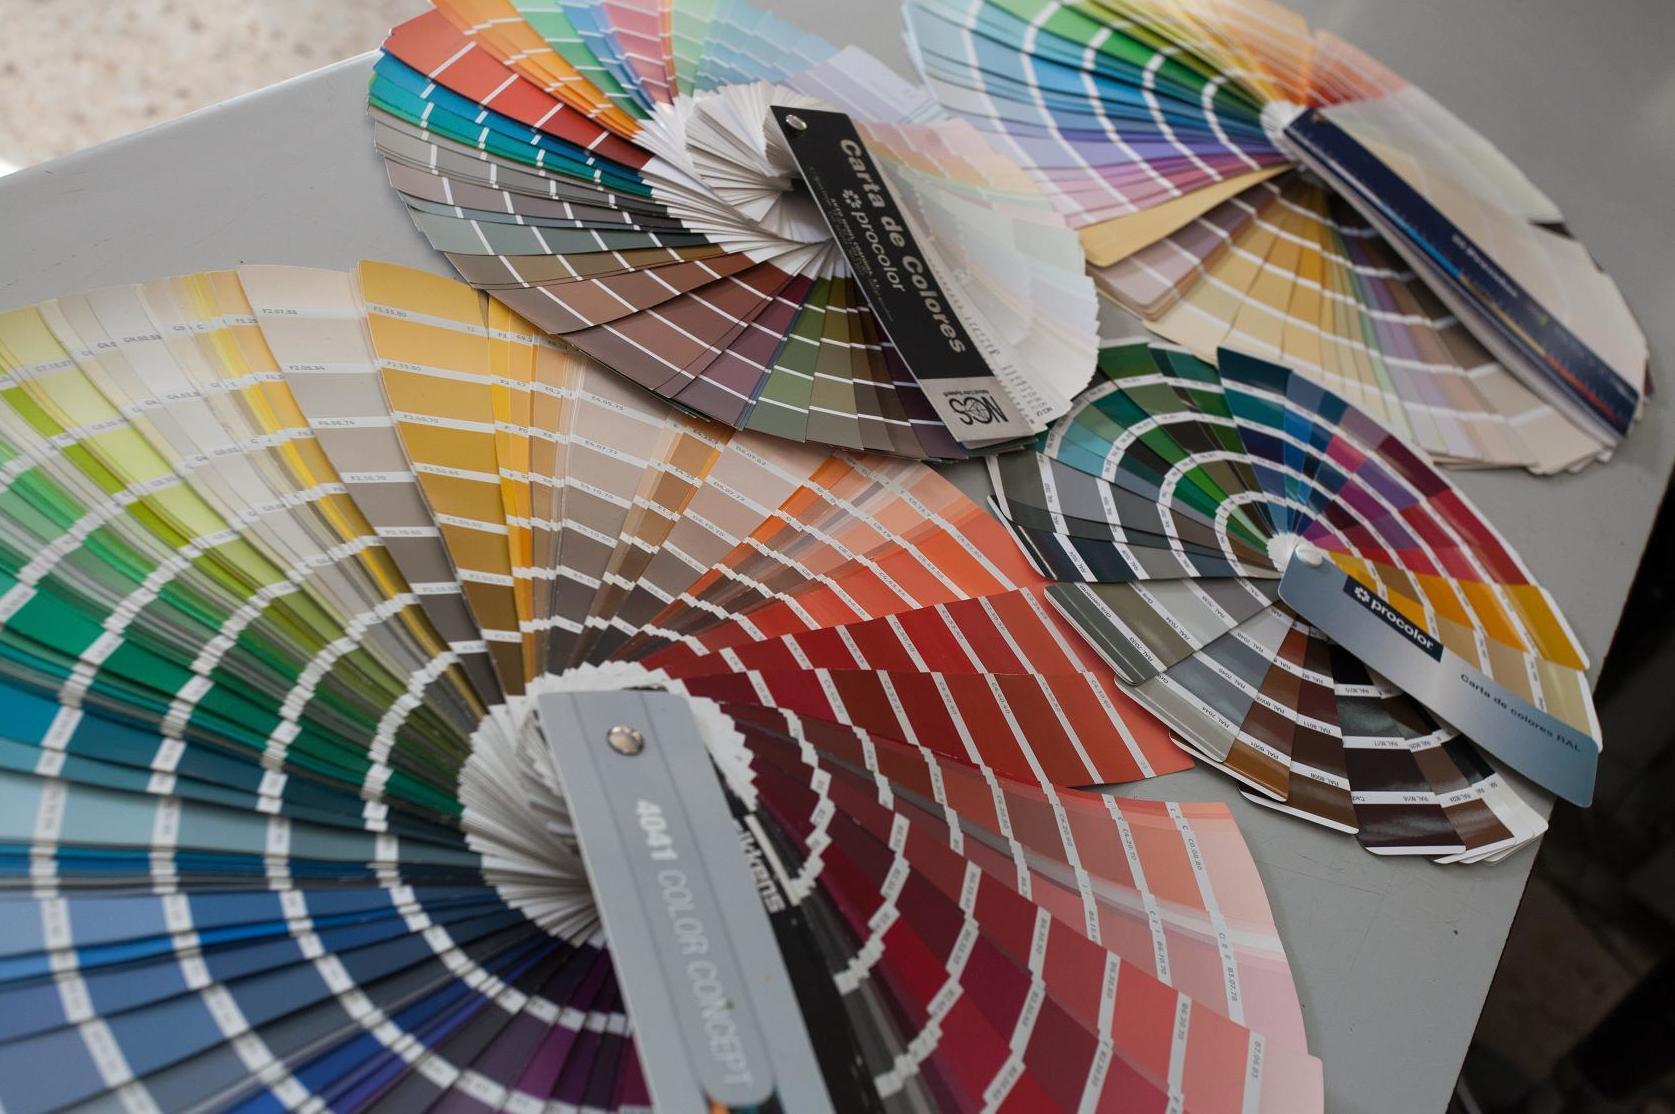 Más de veinte mil colores de pinturas. Sevilla